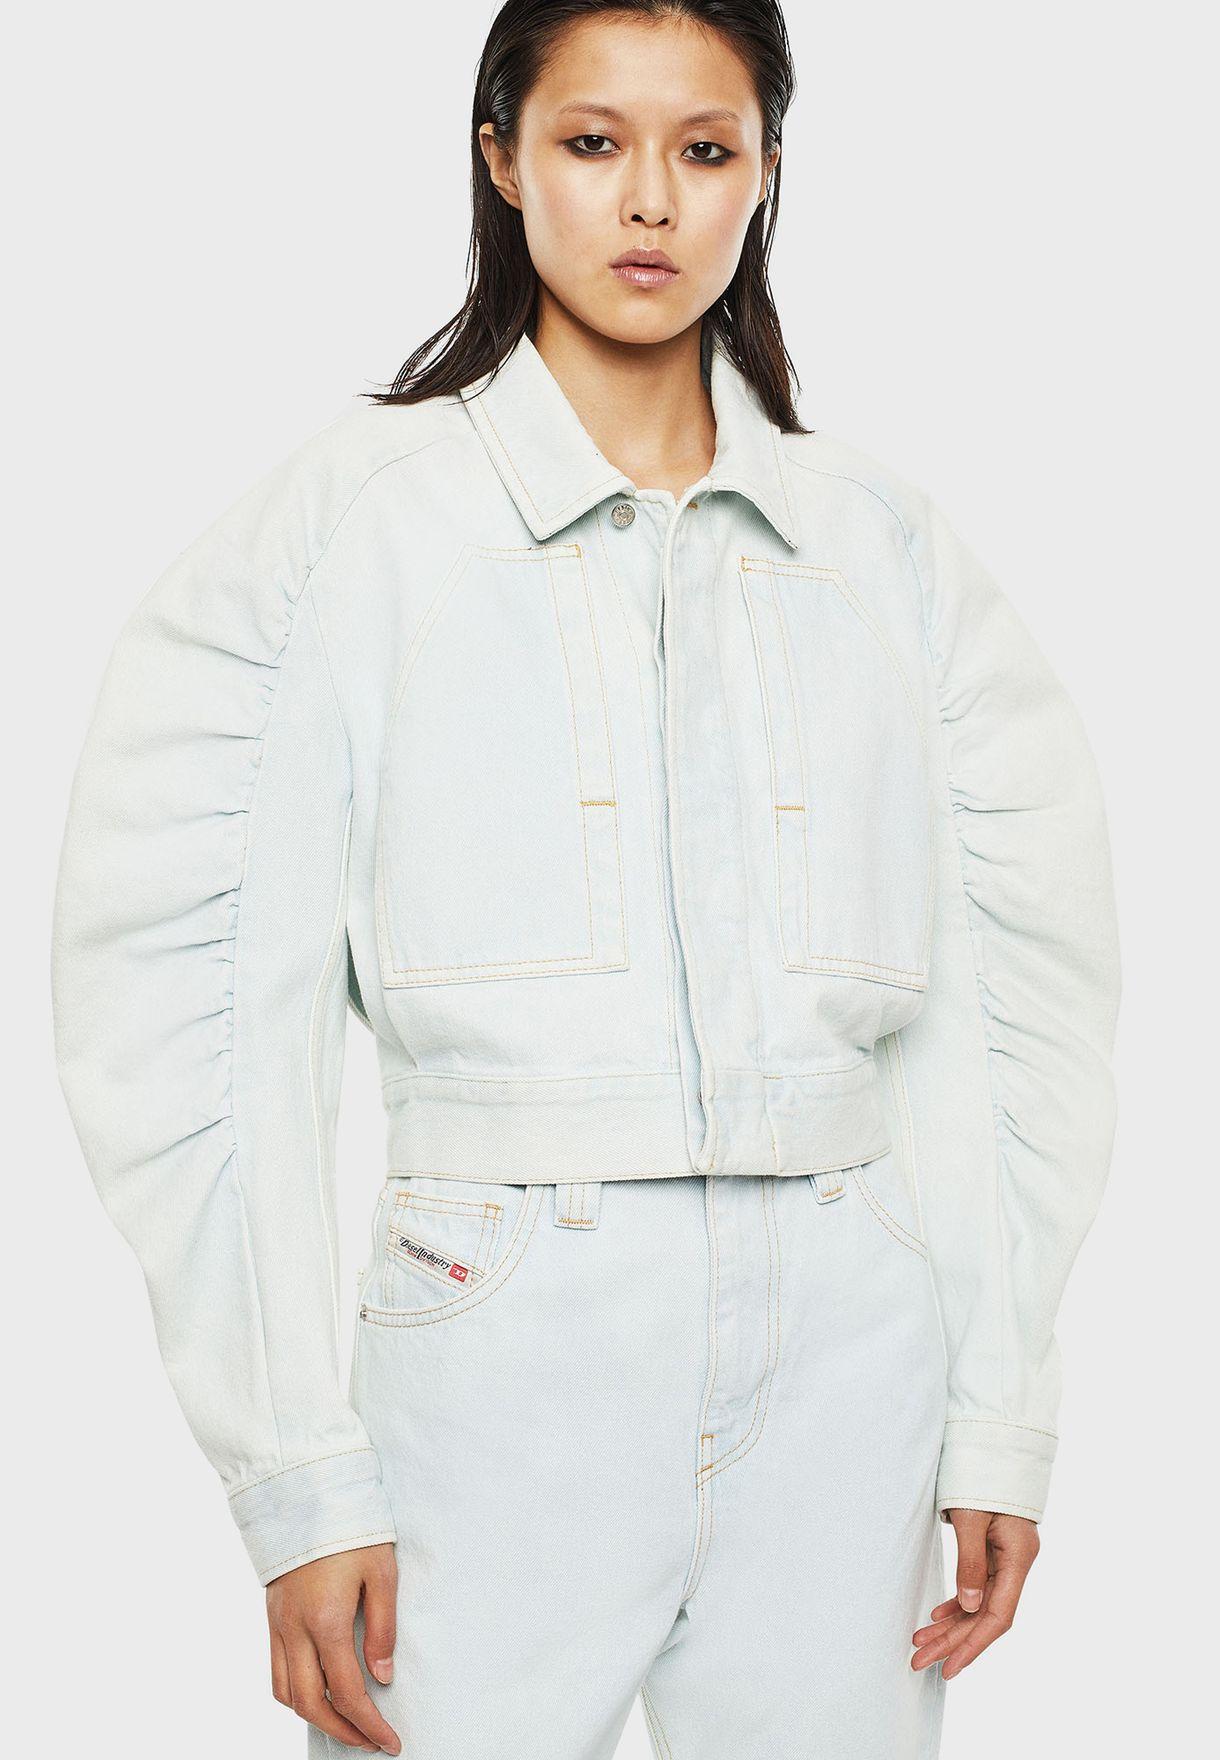 جاكيت جينز قصير بأكمام منفوشة